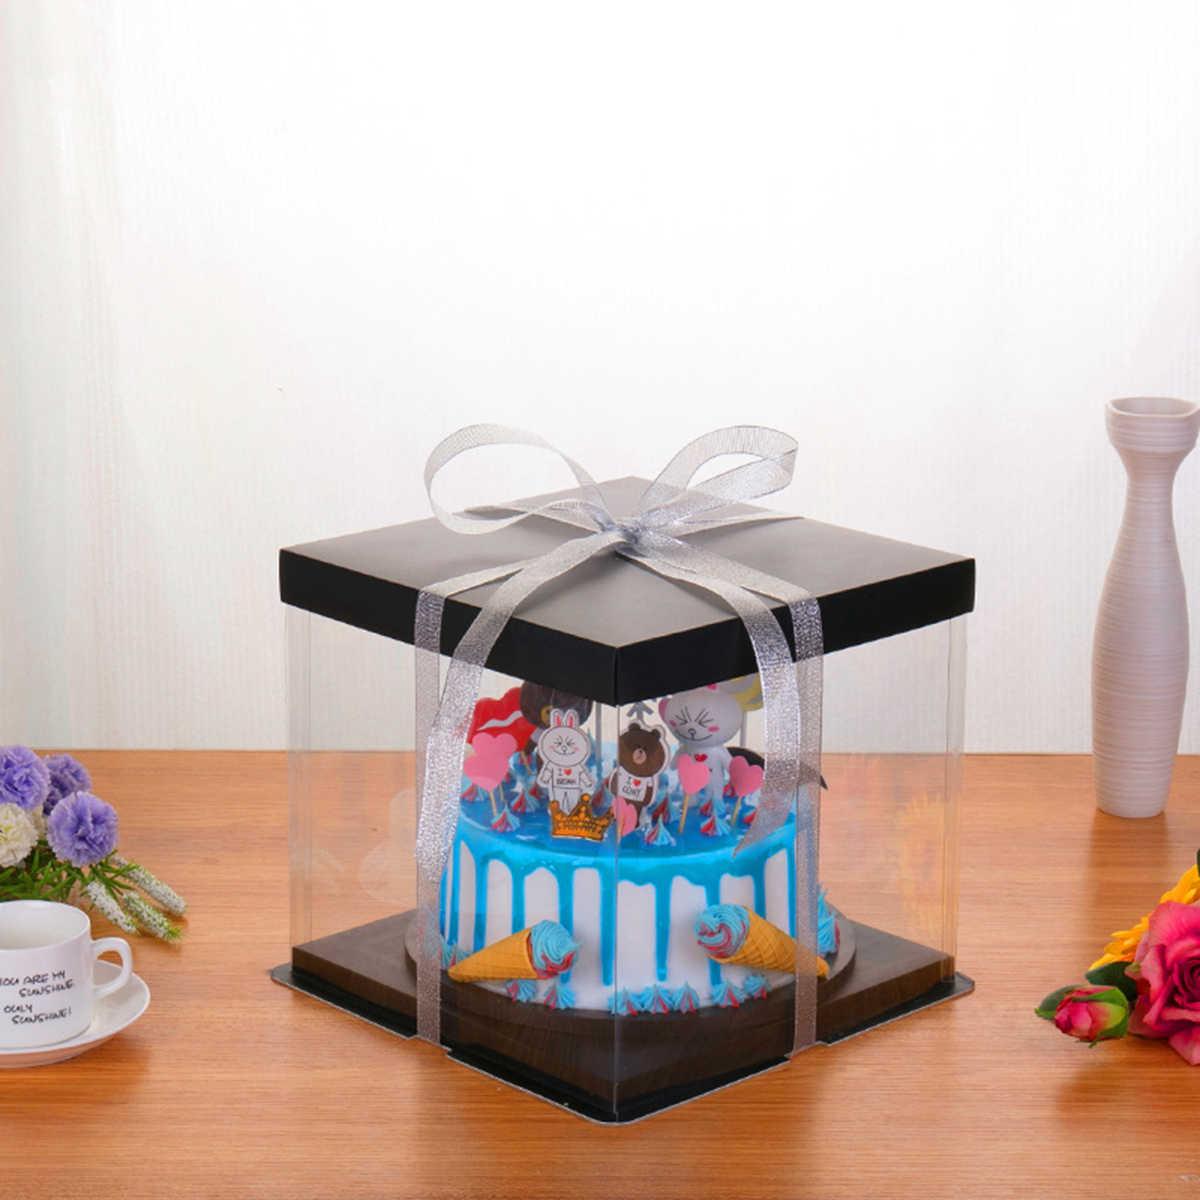 โปร่งใสเค้กกล่องสแควร์เบเกอรี่มัฟฟินบรรจุภัณฑ์ Cupcake Carrier คอนเทนเนอร์พร้อมฝาปิด (10/13 นิ้ว)